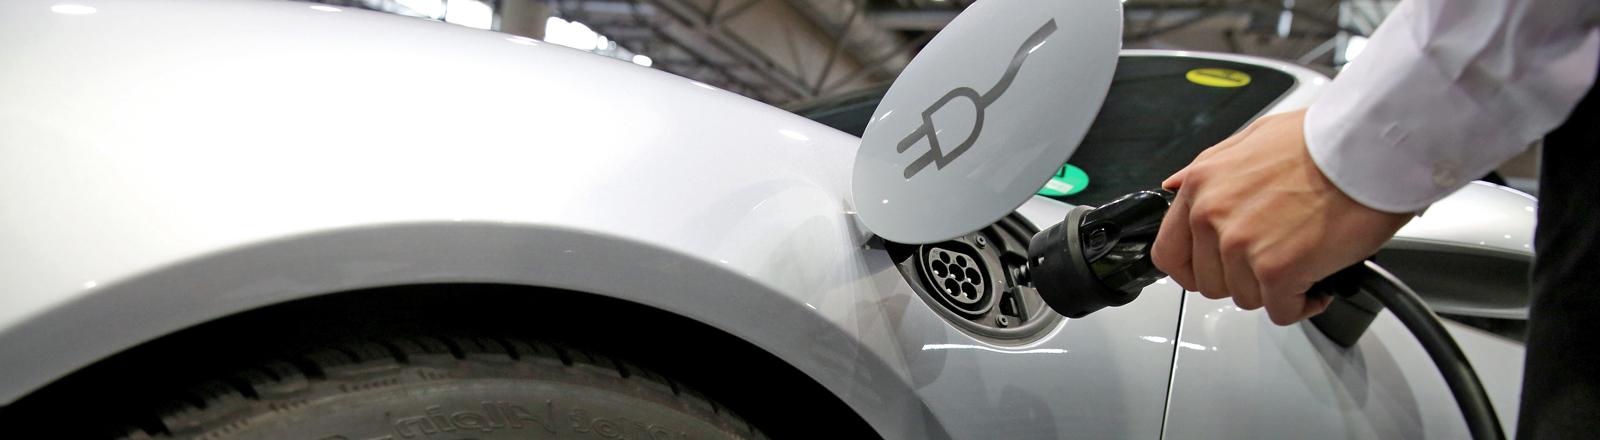 Der Prototyp eines Porsche Boxster E wird am 14.04.2016 auf einer Konferenz zu Elektromobilität in Leipzig (Sachsen) mit Hilfe eines Ladekabels aufgeladen